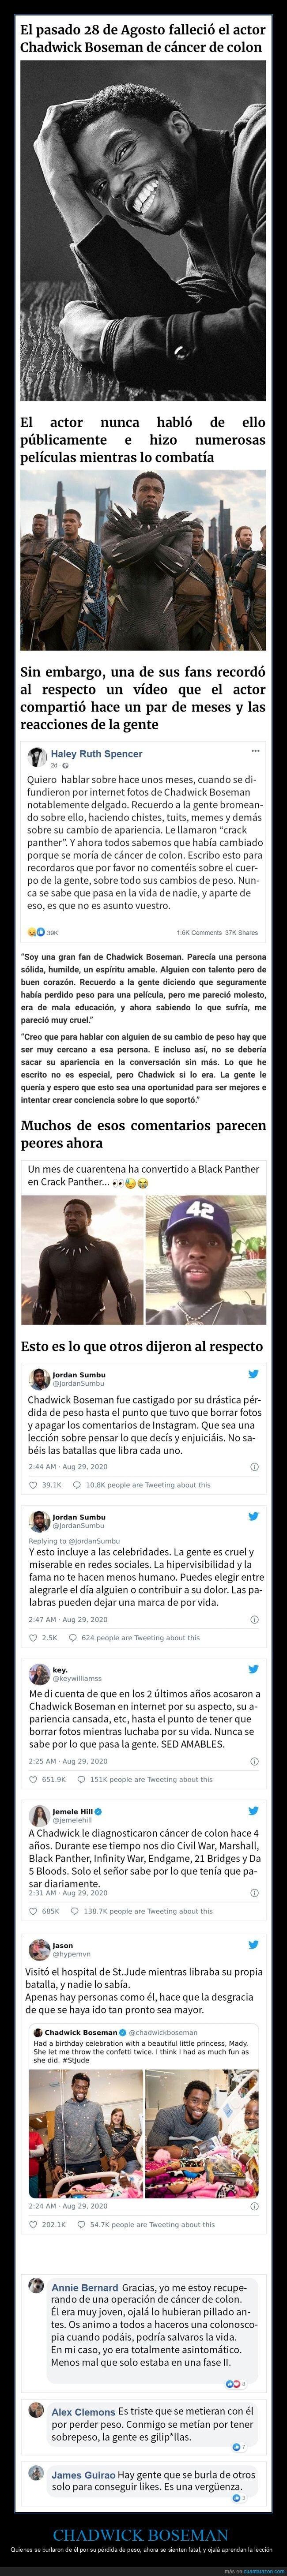 black panther,chadwick boseman,pérdida de peso